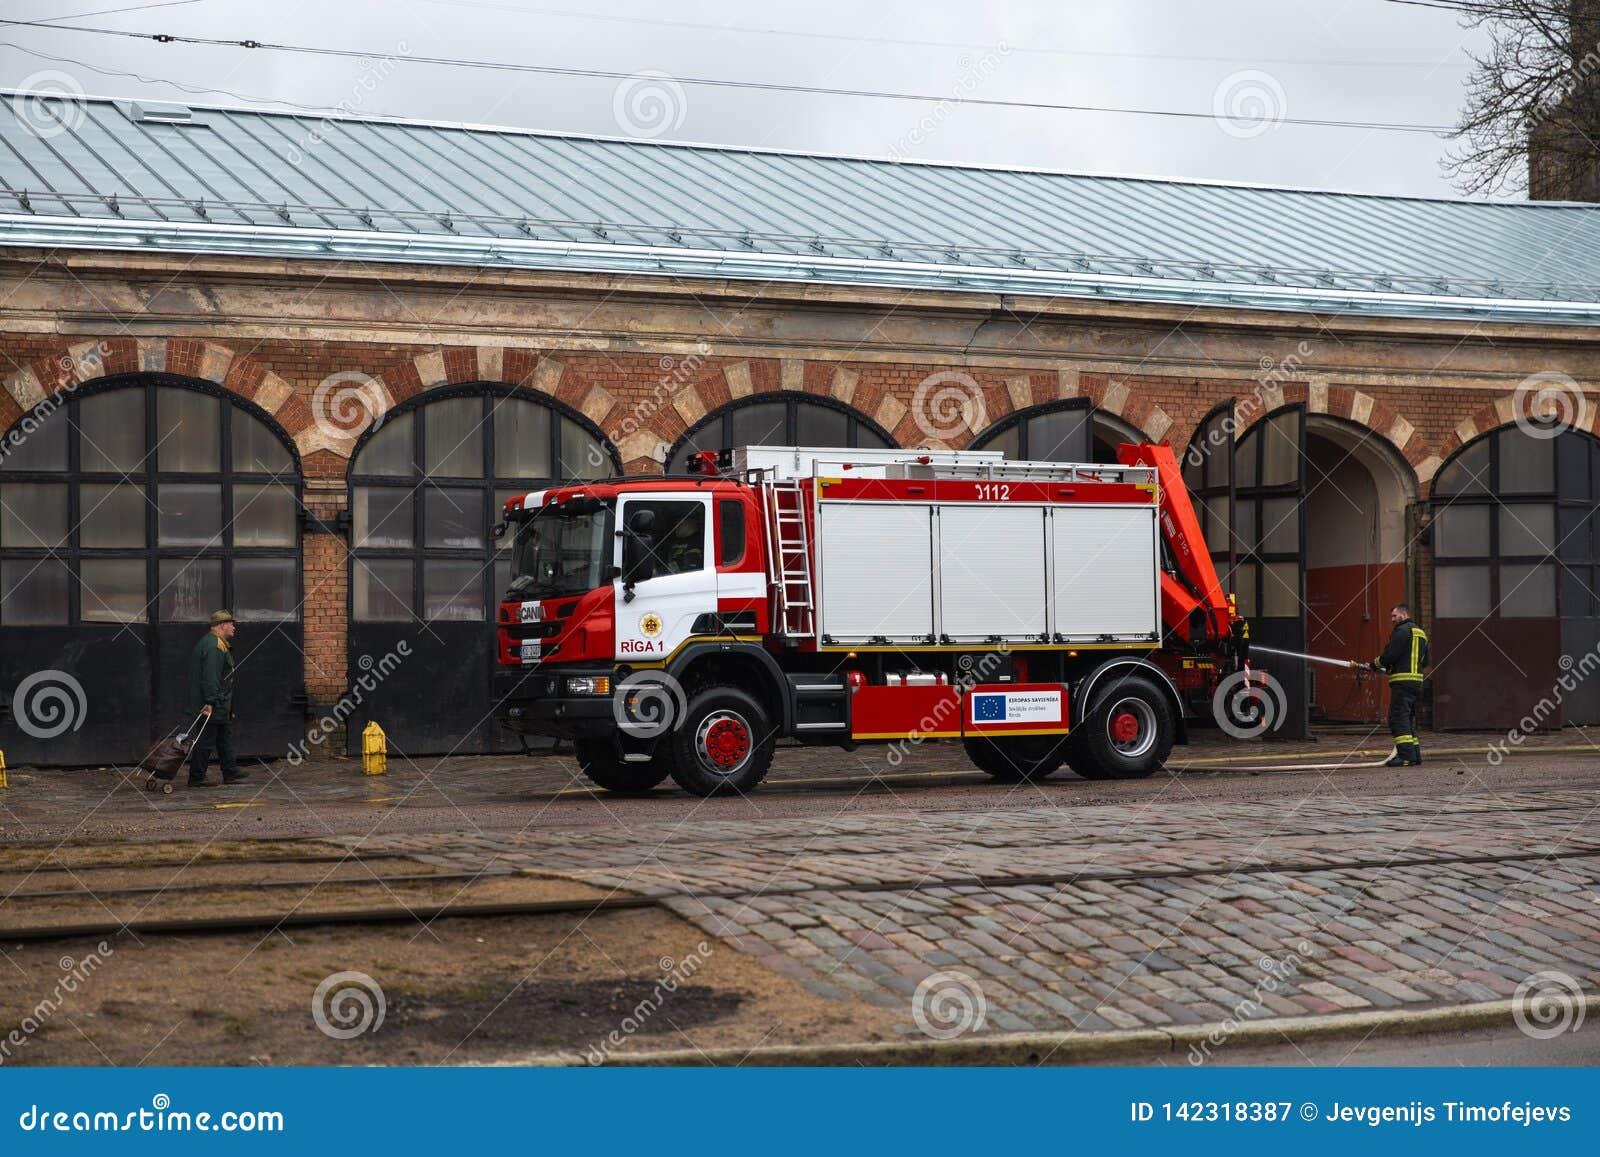 RIGA, LETLAND - MAART 16, 2019: De brandvrachtwagen is het schoongemaakte - de brandbestrijdersvrachtwagen van Bestuurderswassen